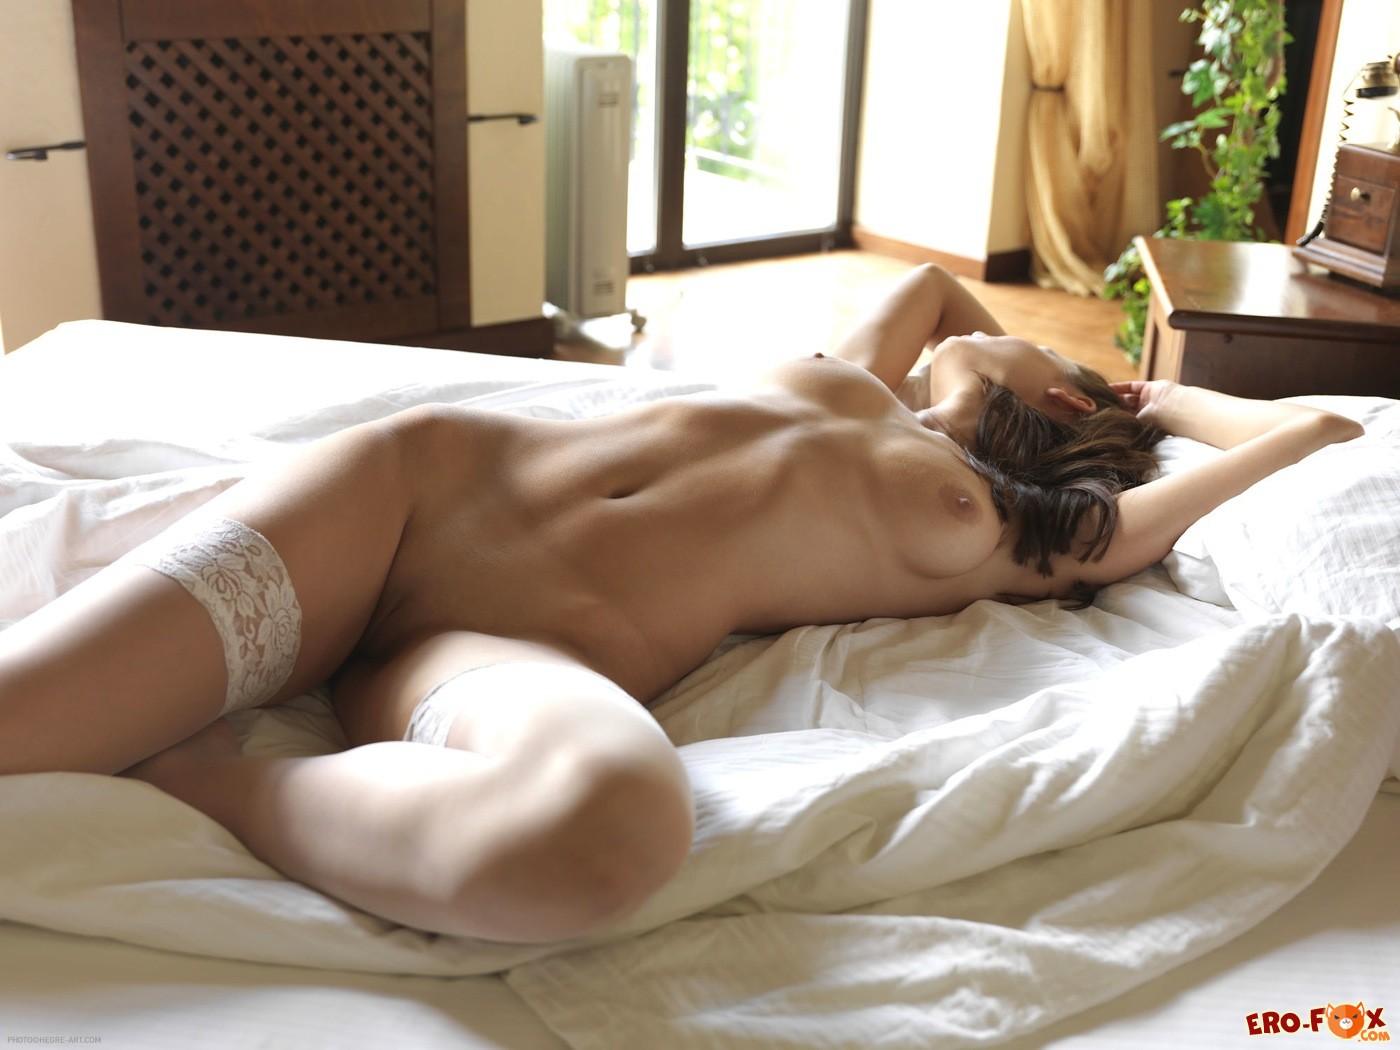 Девушка с голыми ягодицами в чулках на кровати - фото